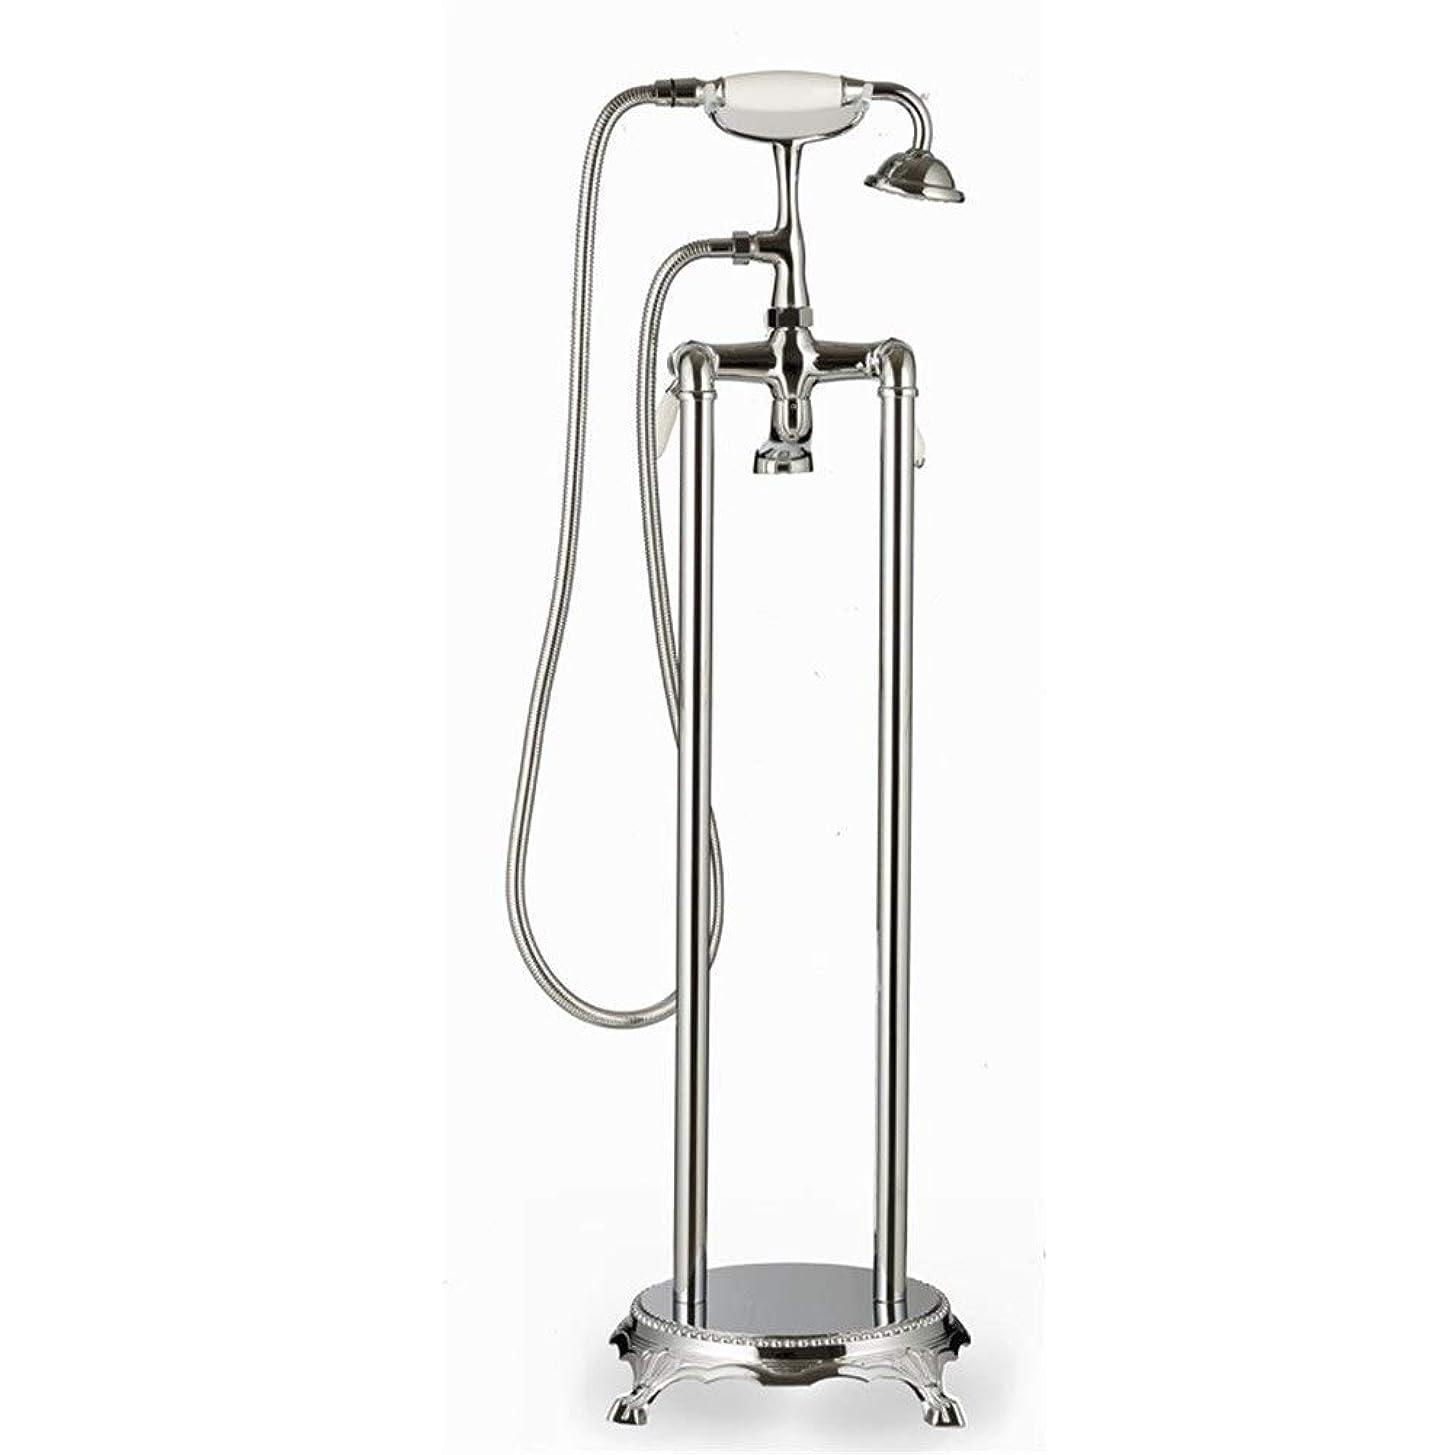 ポインタ指標授業料CHUNSHENN ハンドシャワー床に立って調整可能水温のために風呂シャワーミキサーを、簡単にインストール(バス&シャワーの蛇口のタイプ:バスタブ自立蛇口) バス用品